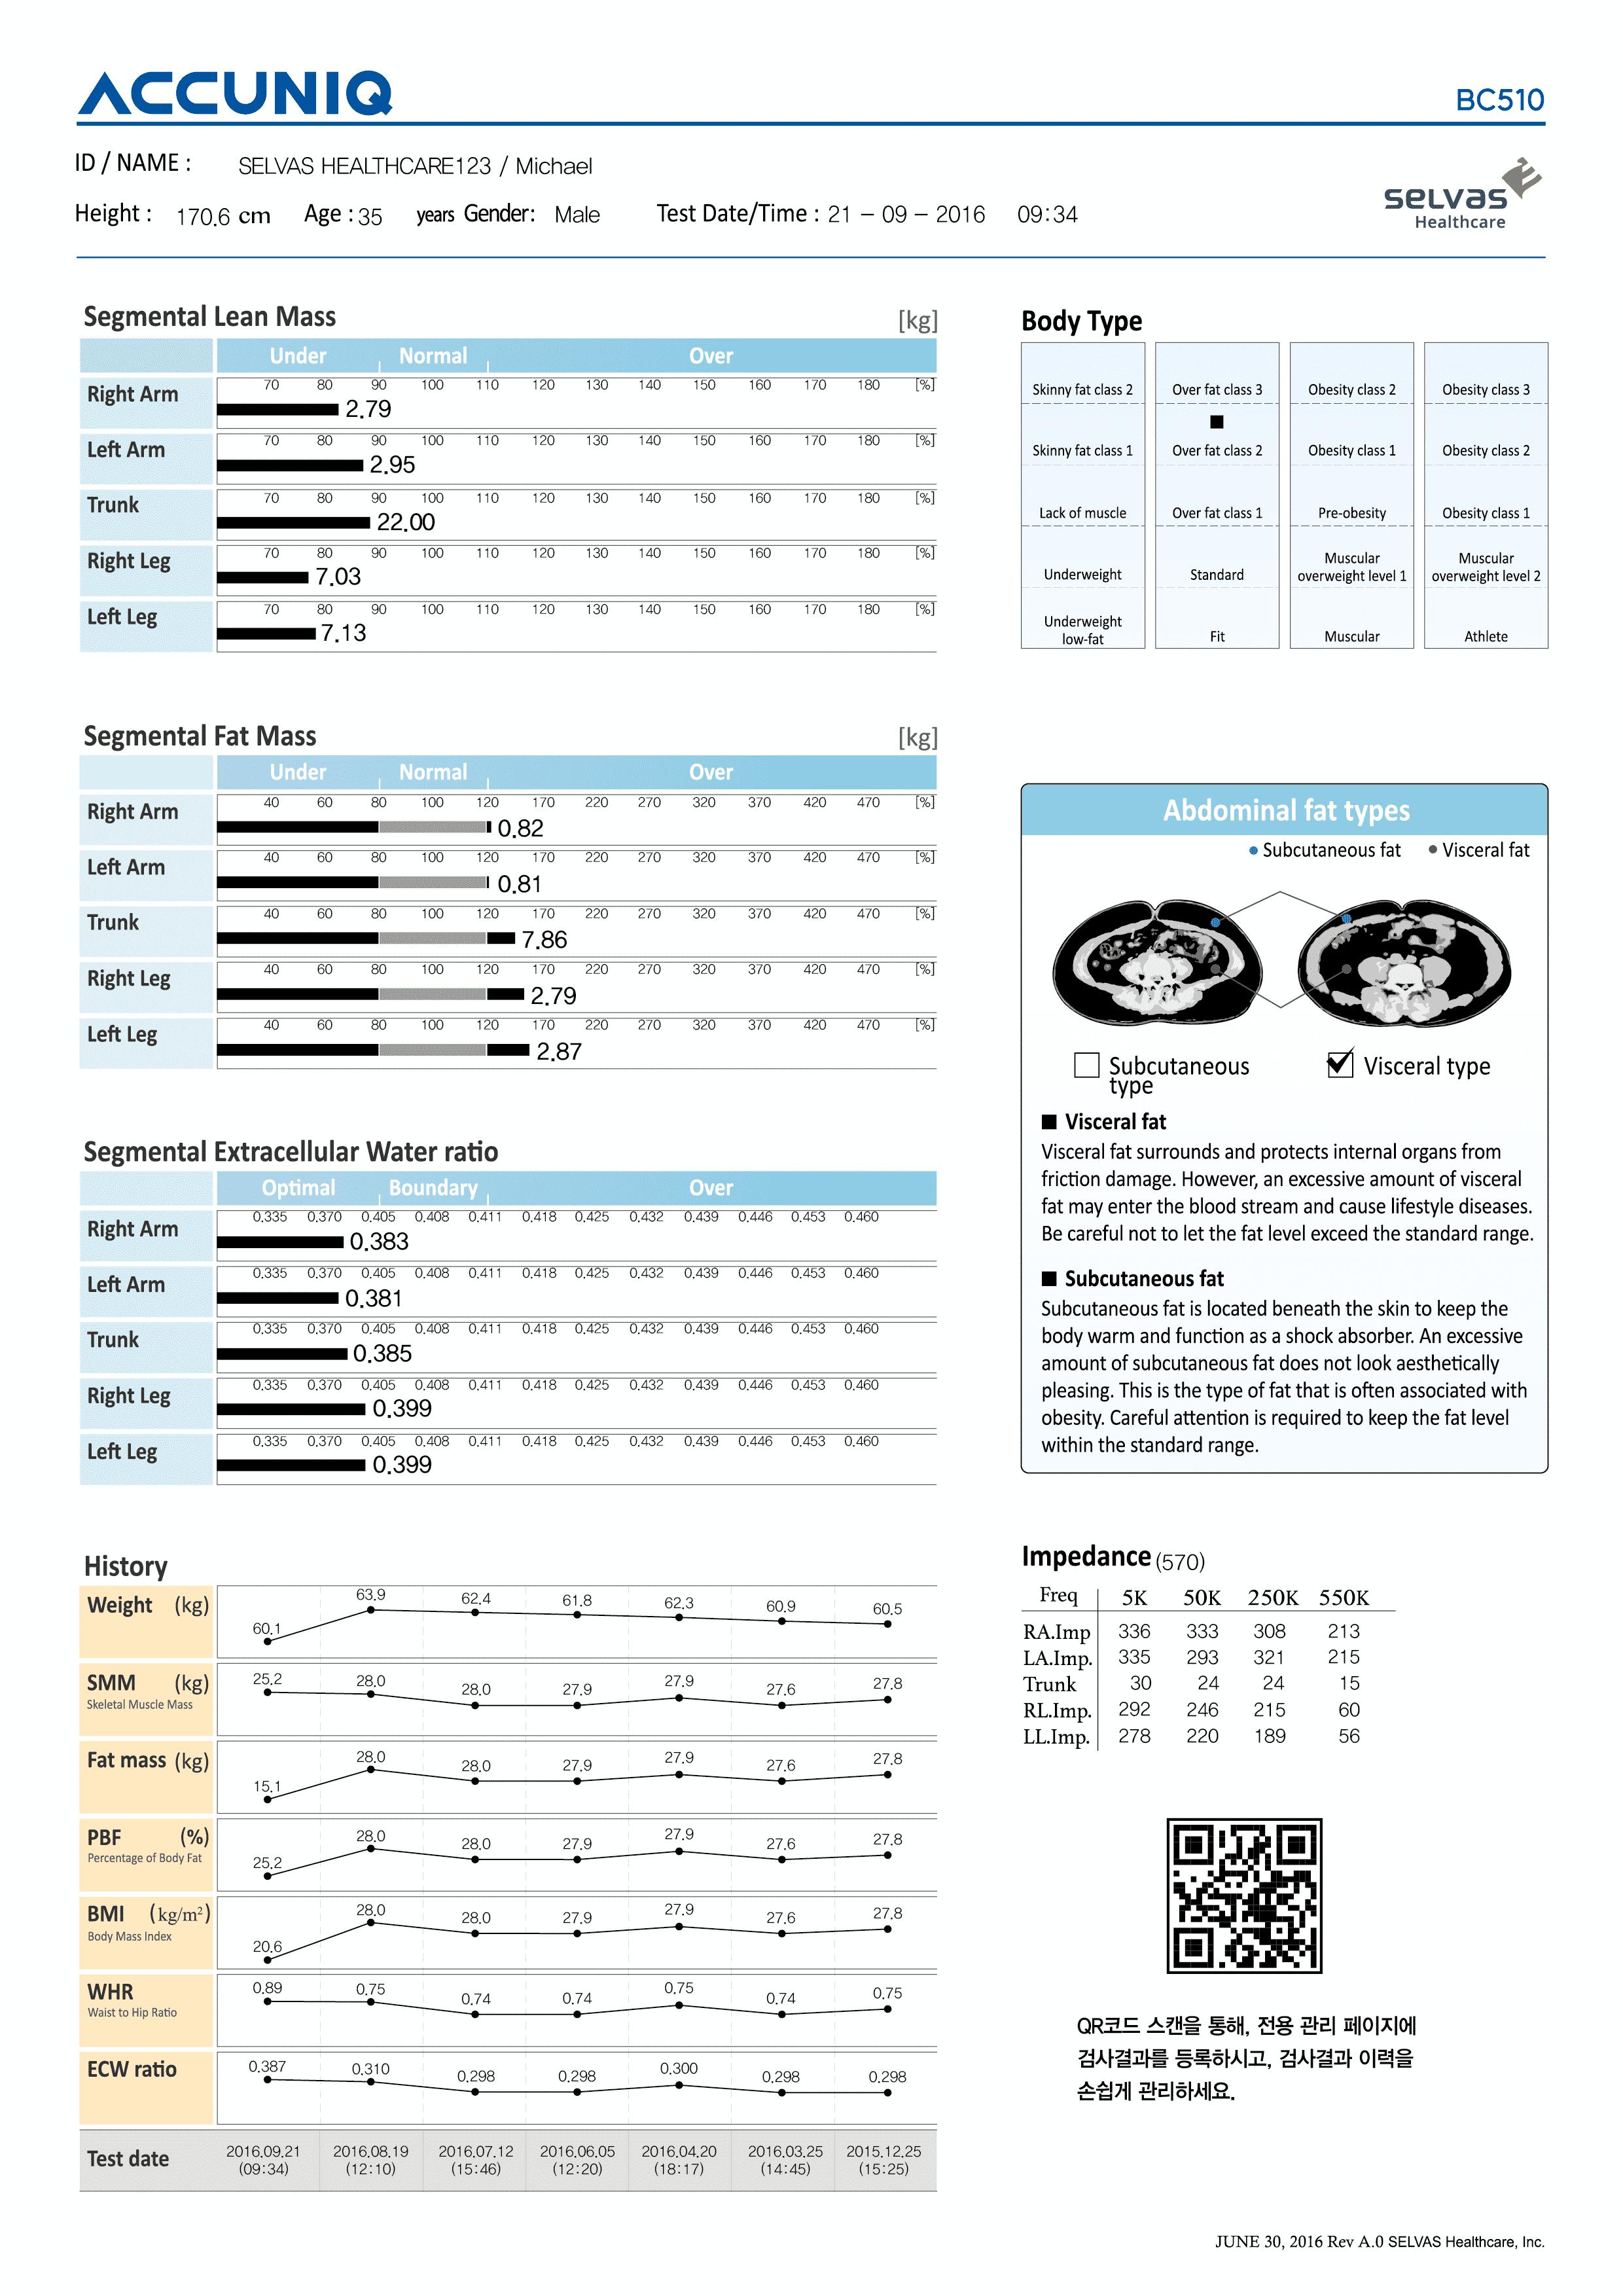 เครื่องวัด วิเคราะห์ส่วนประกอบร่างกาย ไขมัน Accuniq bc510 result sheet